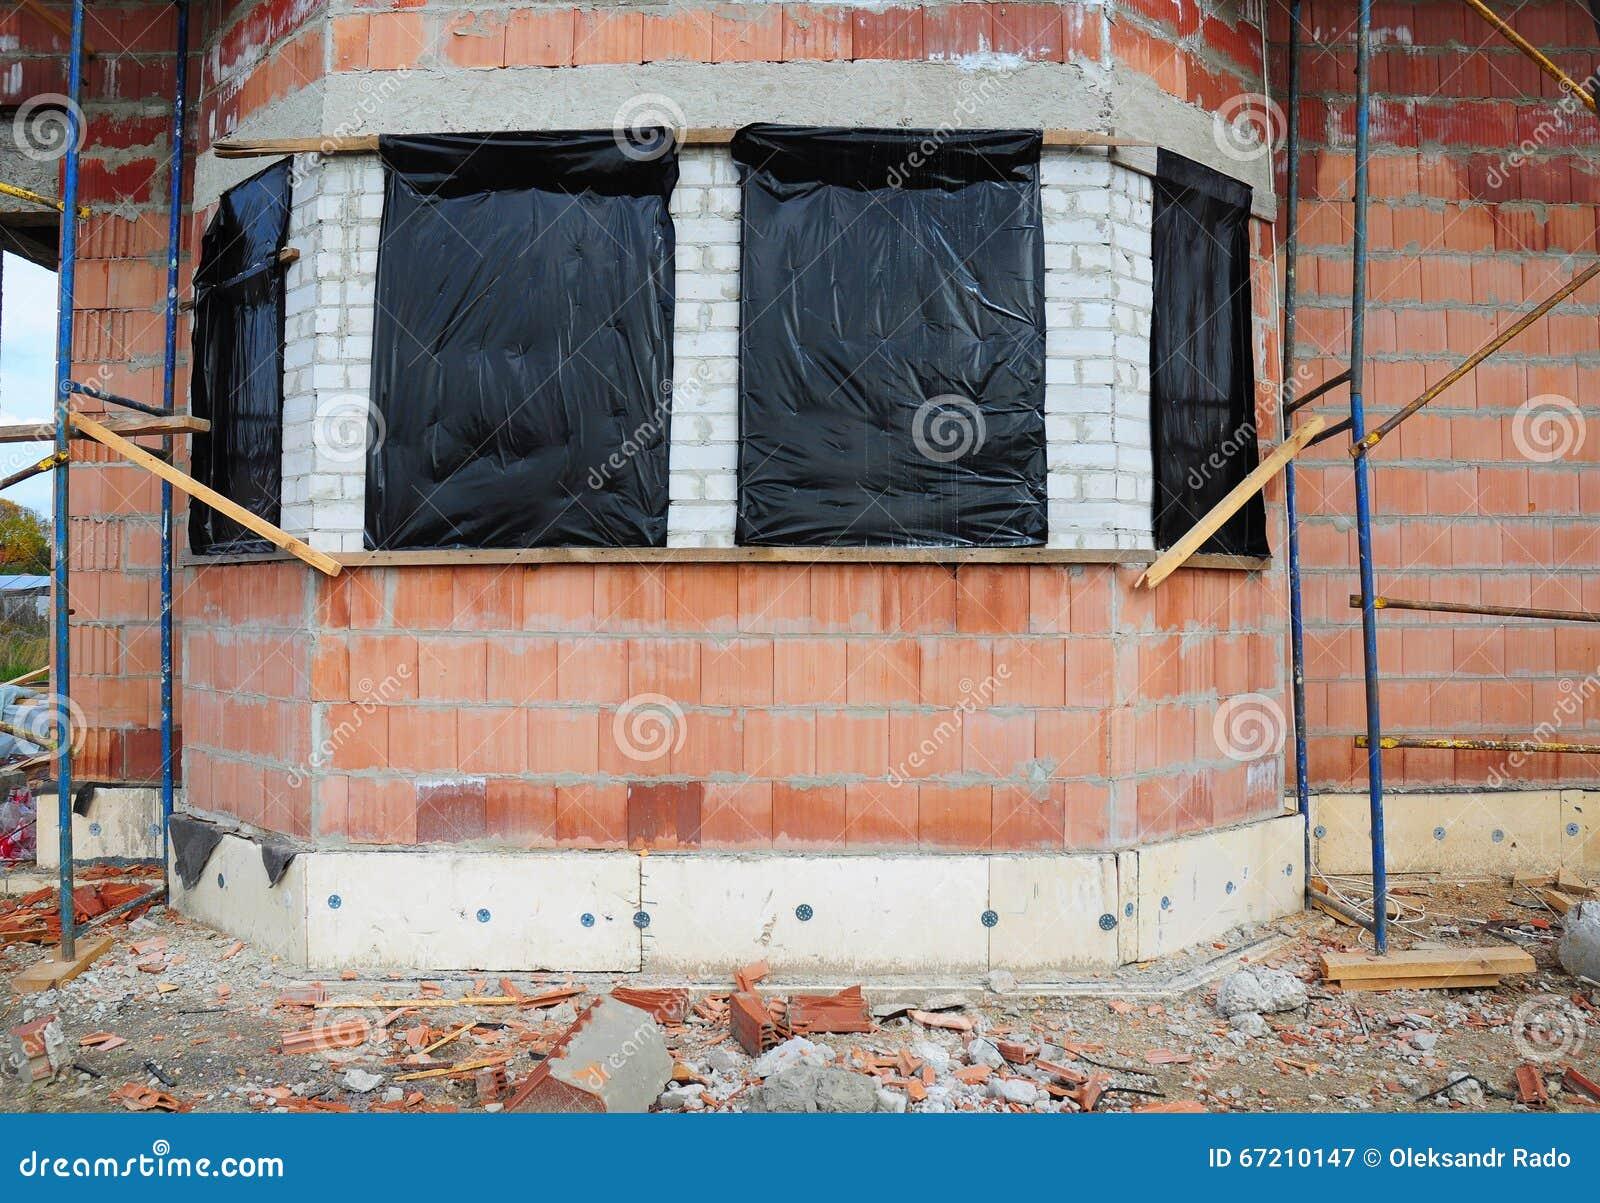 Prepárese para proteger la casa inacabada Windows para que el invierno evite nieve y la lluvia dentro